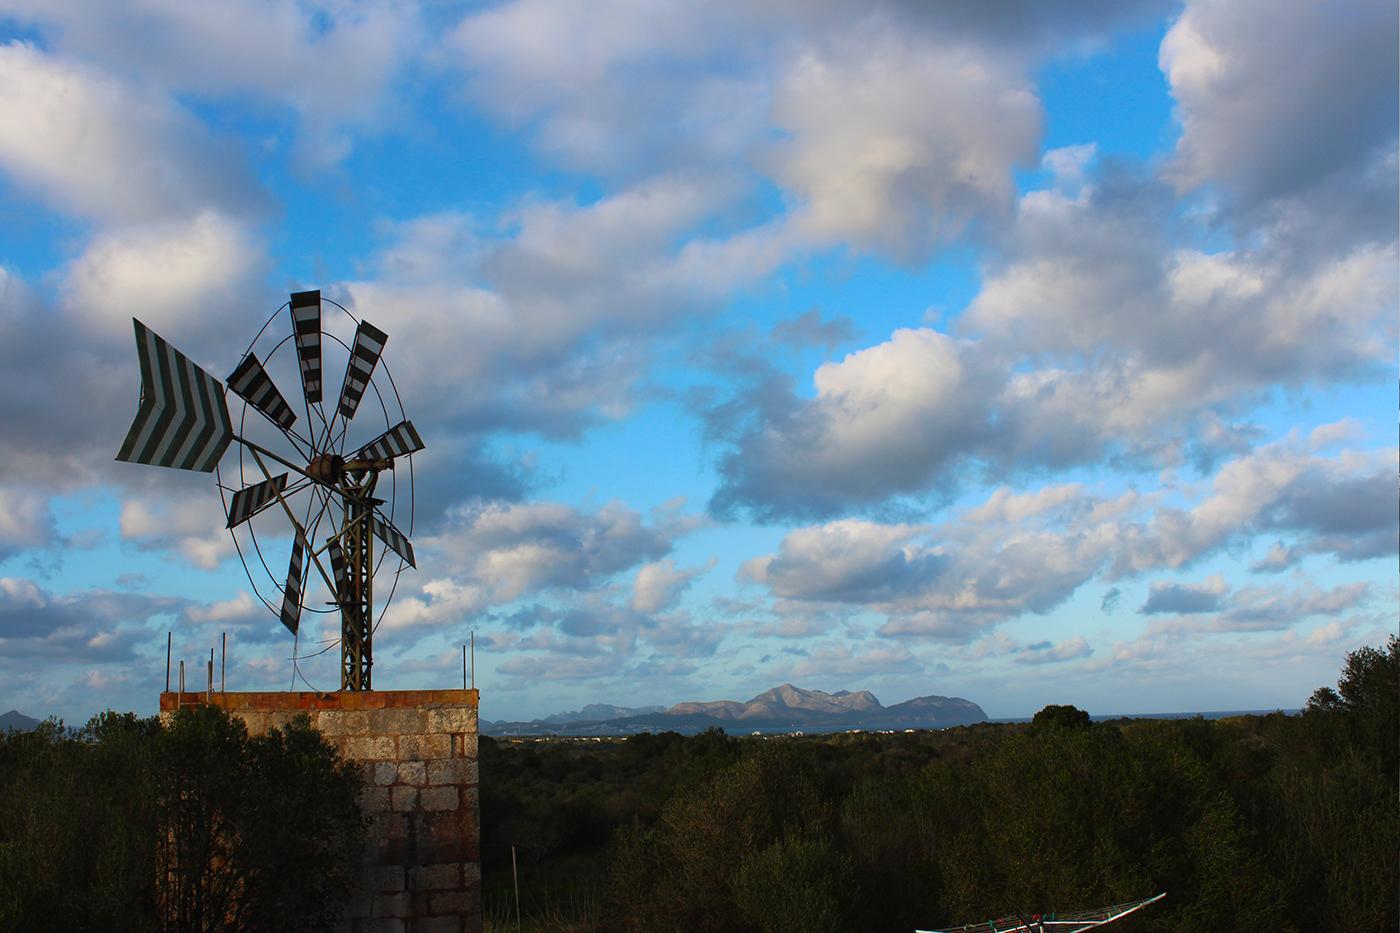 calm green Palma de Maiorca photo rural spain